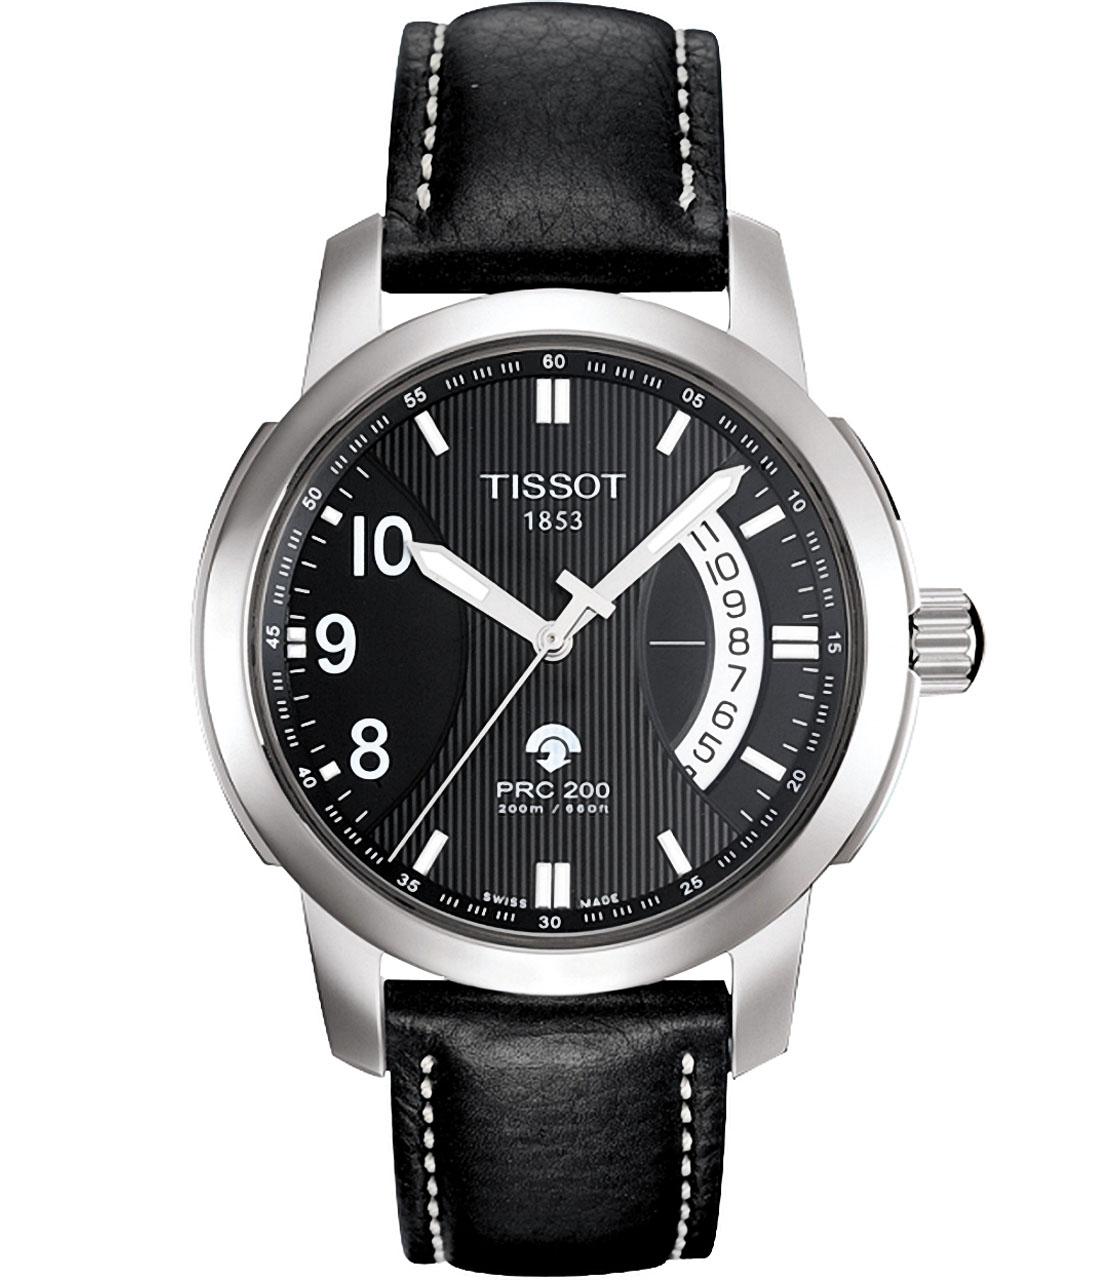 Đồng hồ Tissot PRC200 chronograph T014.421.16.057.00 Đồng hồ Tissot PRC200 chronograph T014.421.16.057.00